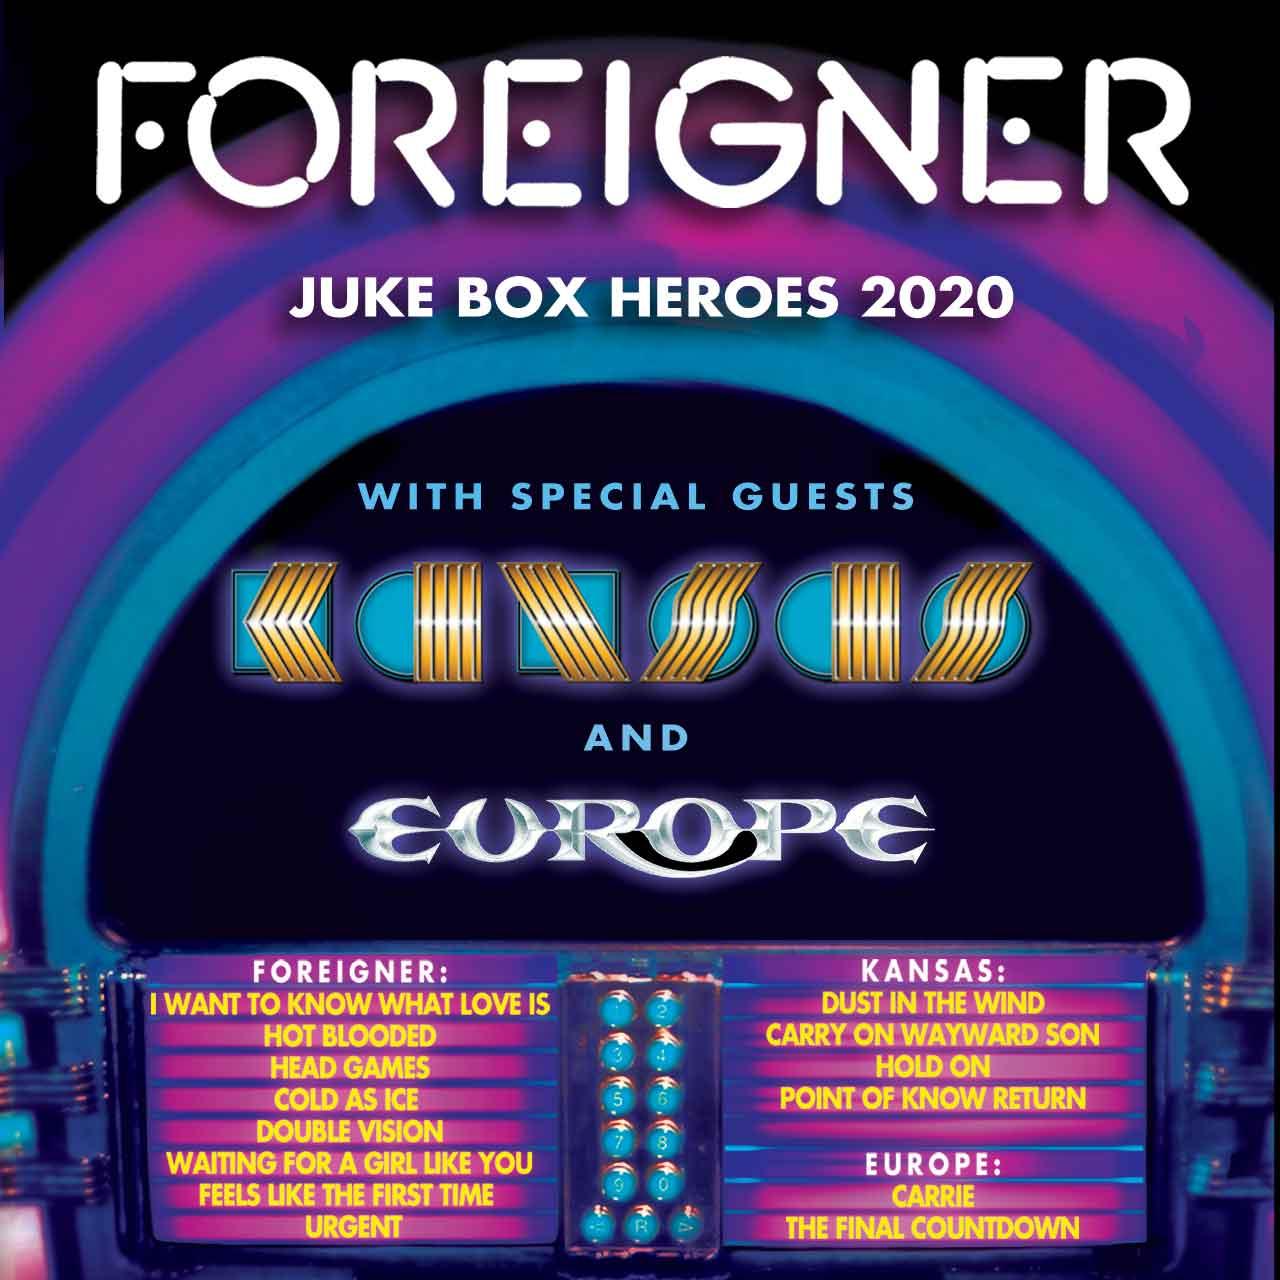 Juke Box Heroes Tour 2020